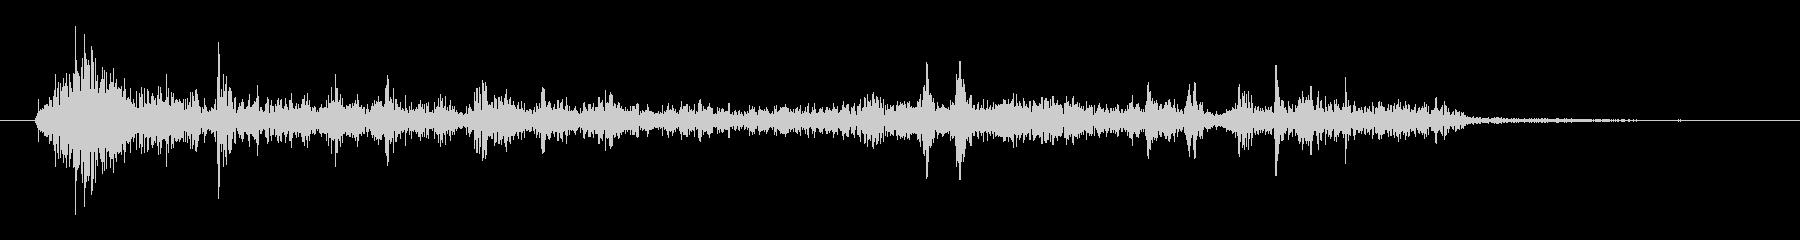 ノイズ ローファイランダムネス01の未再生の波形